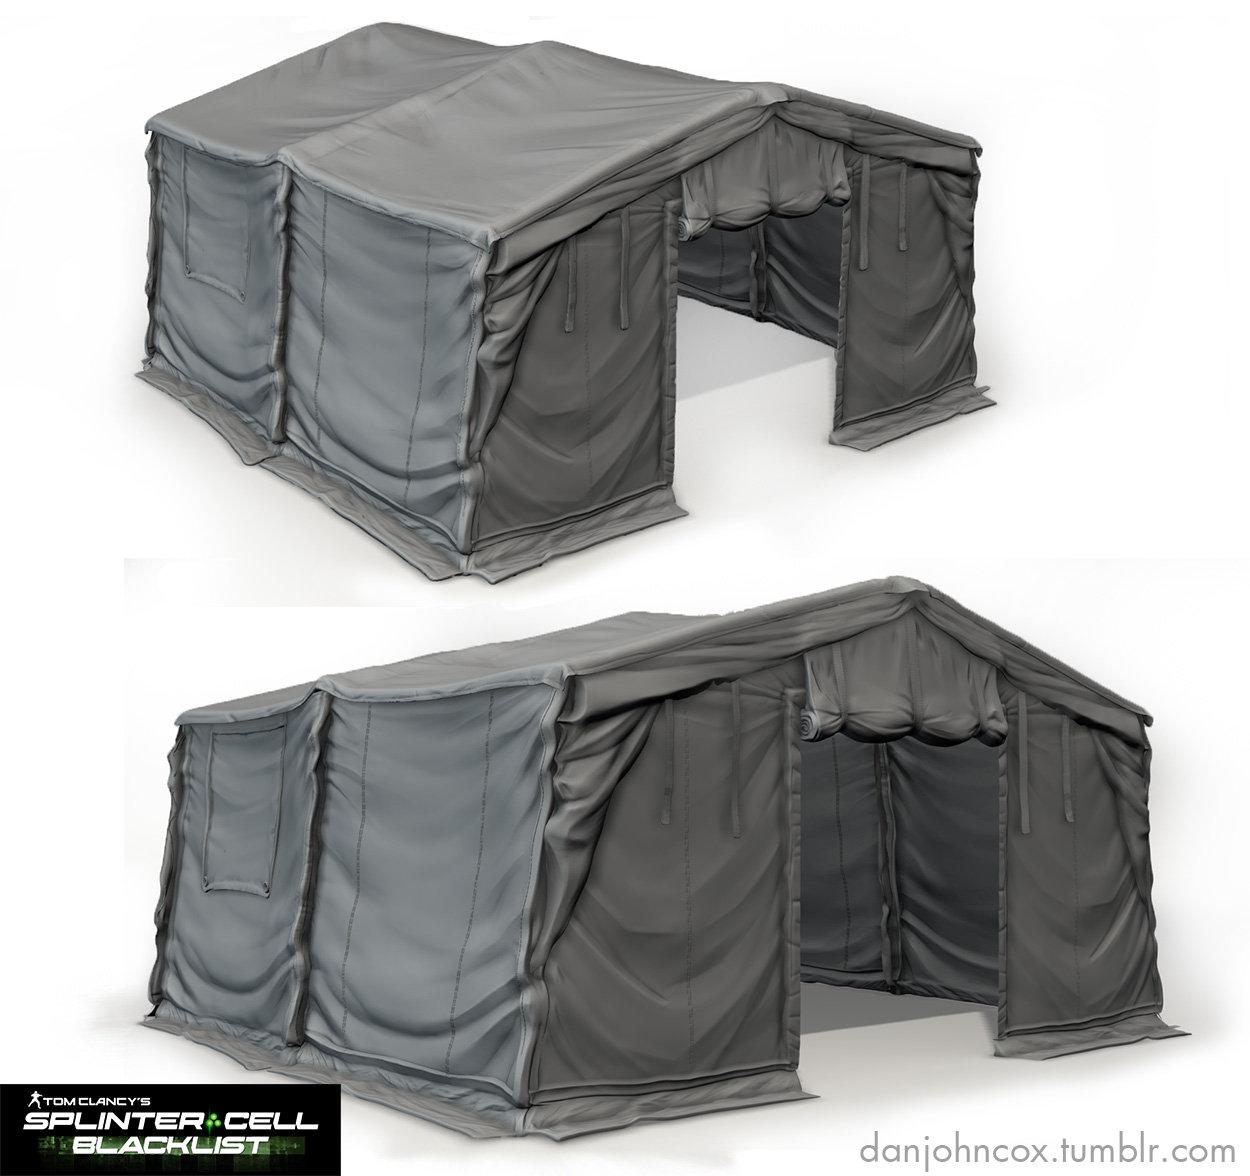 Dan cox s fpp tent